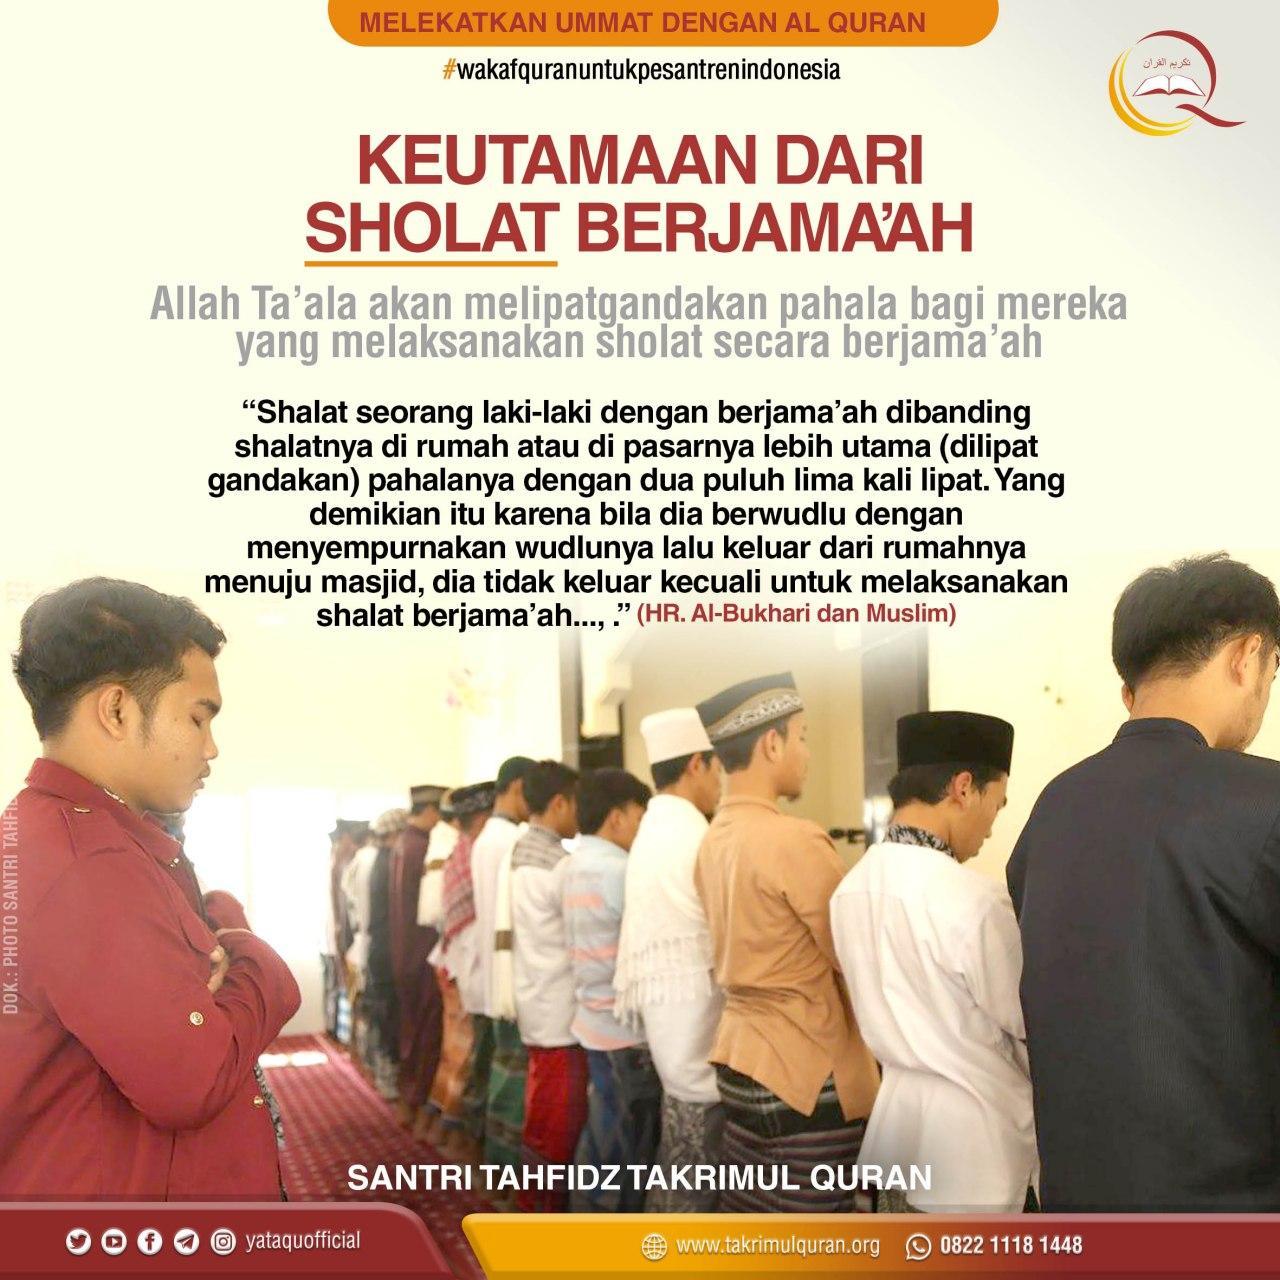 KEUTAMAAN DARI SHOLAT BERJAMA'AH Takrimul Quran